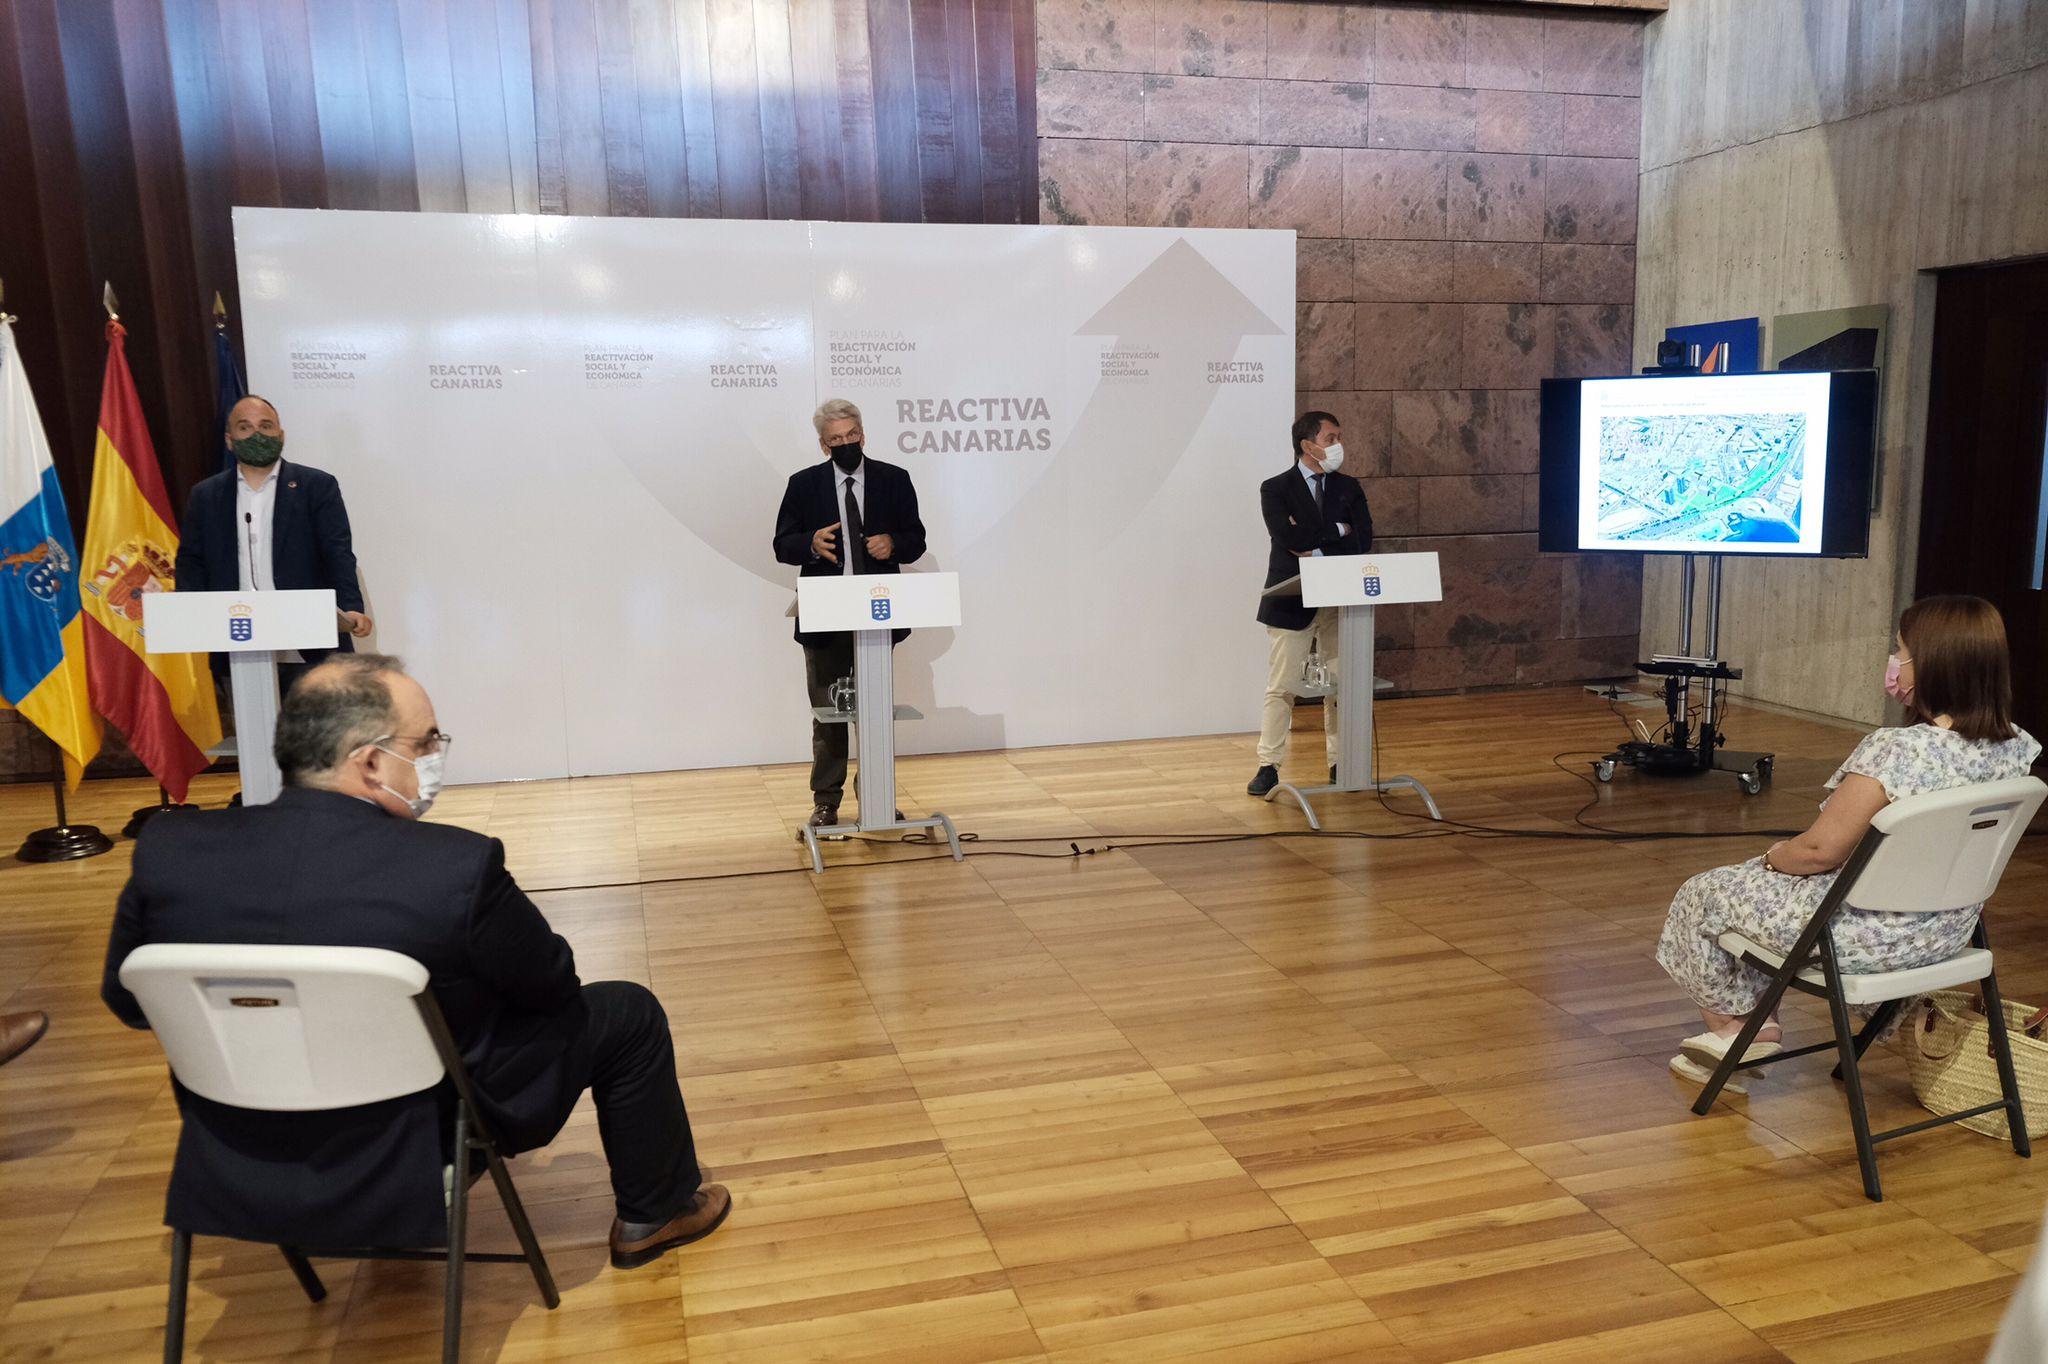 El Gobierno inicia los trámites urbanísticos para construir el Palacio de Justicia de Santa Cruz de Tenerife